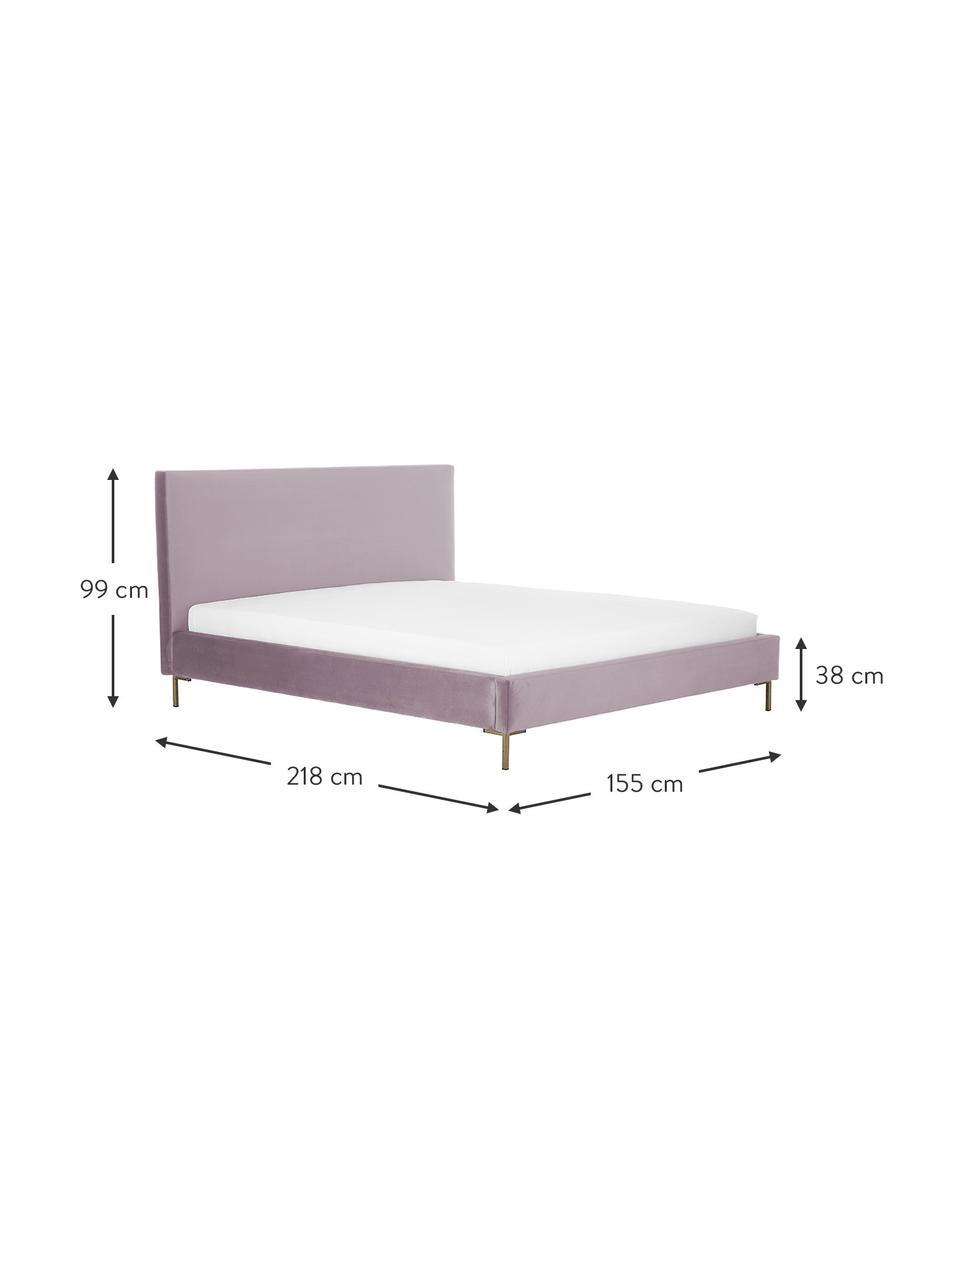 Gestoffeerd fluwelen bed Peace in mauve, Frame: massief grenenhout en pla, Bekleding: polyester fluweel, Poten: gepoedercoat metaal, Fluweel mauve, 180 x 200 cm